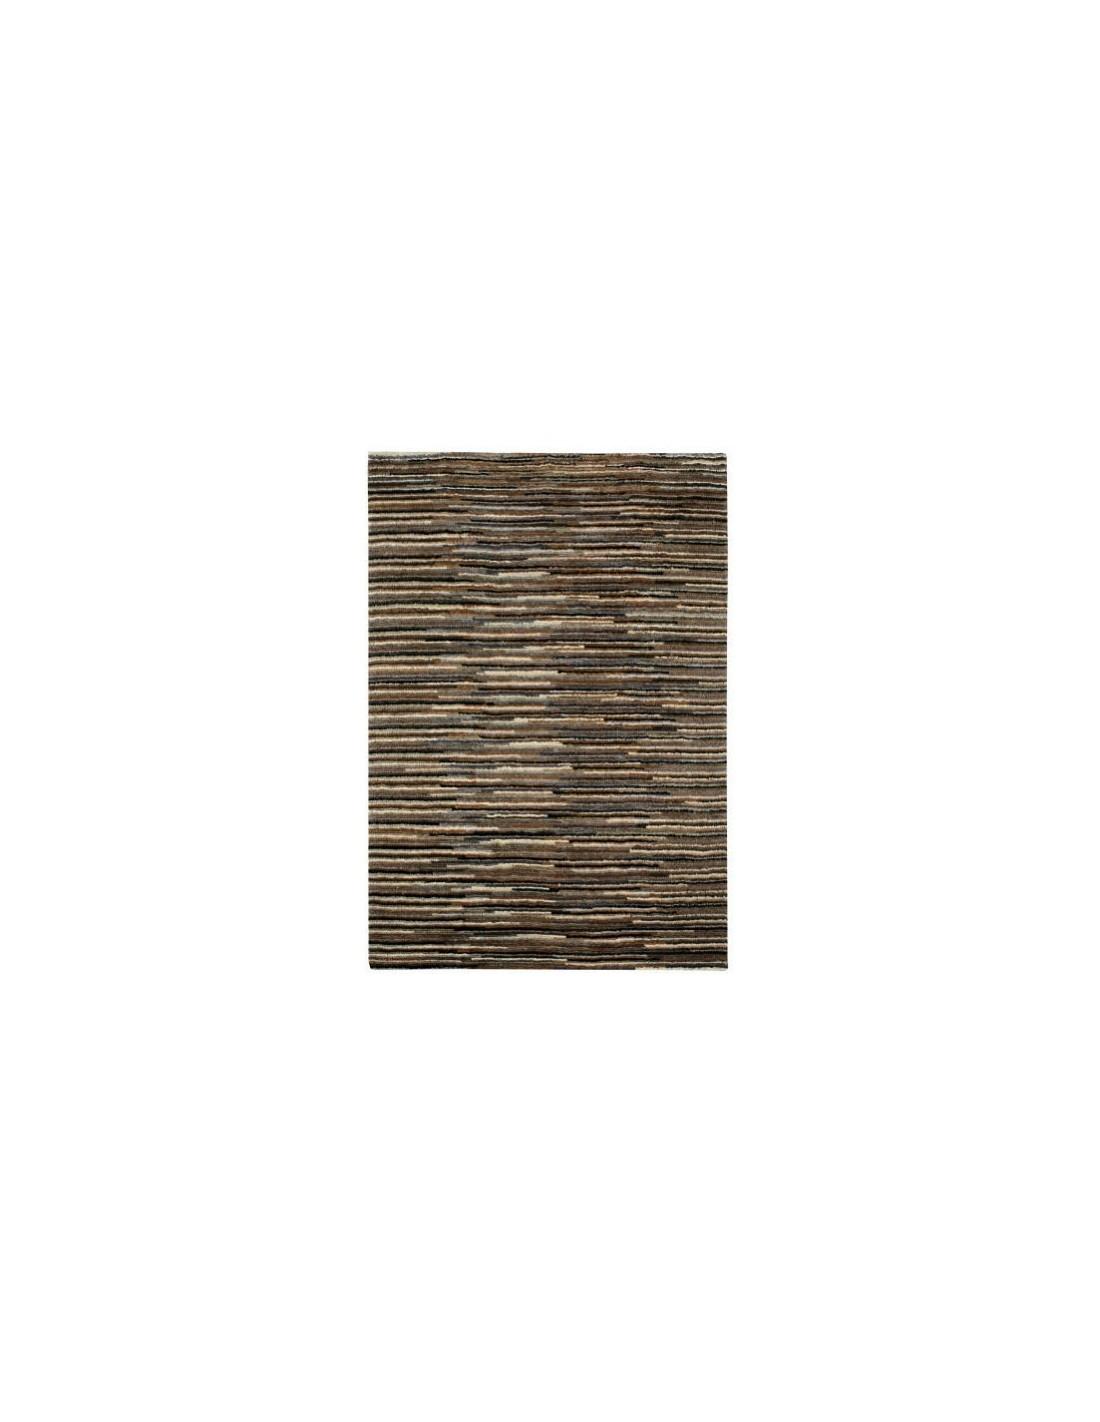 Contemporary rug Tappeto Missoni Home Yucatan nero T60 designed by Missoni Home